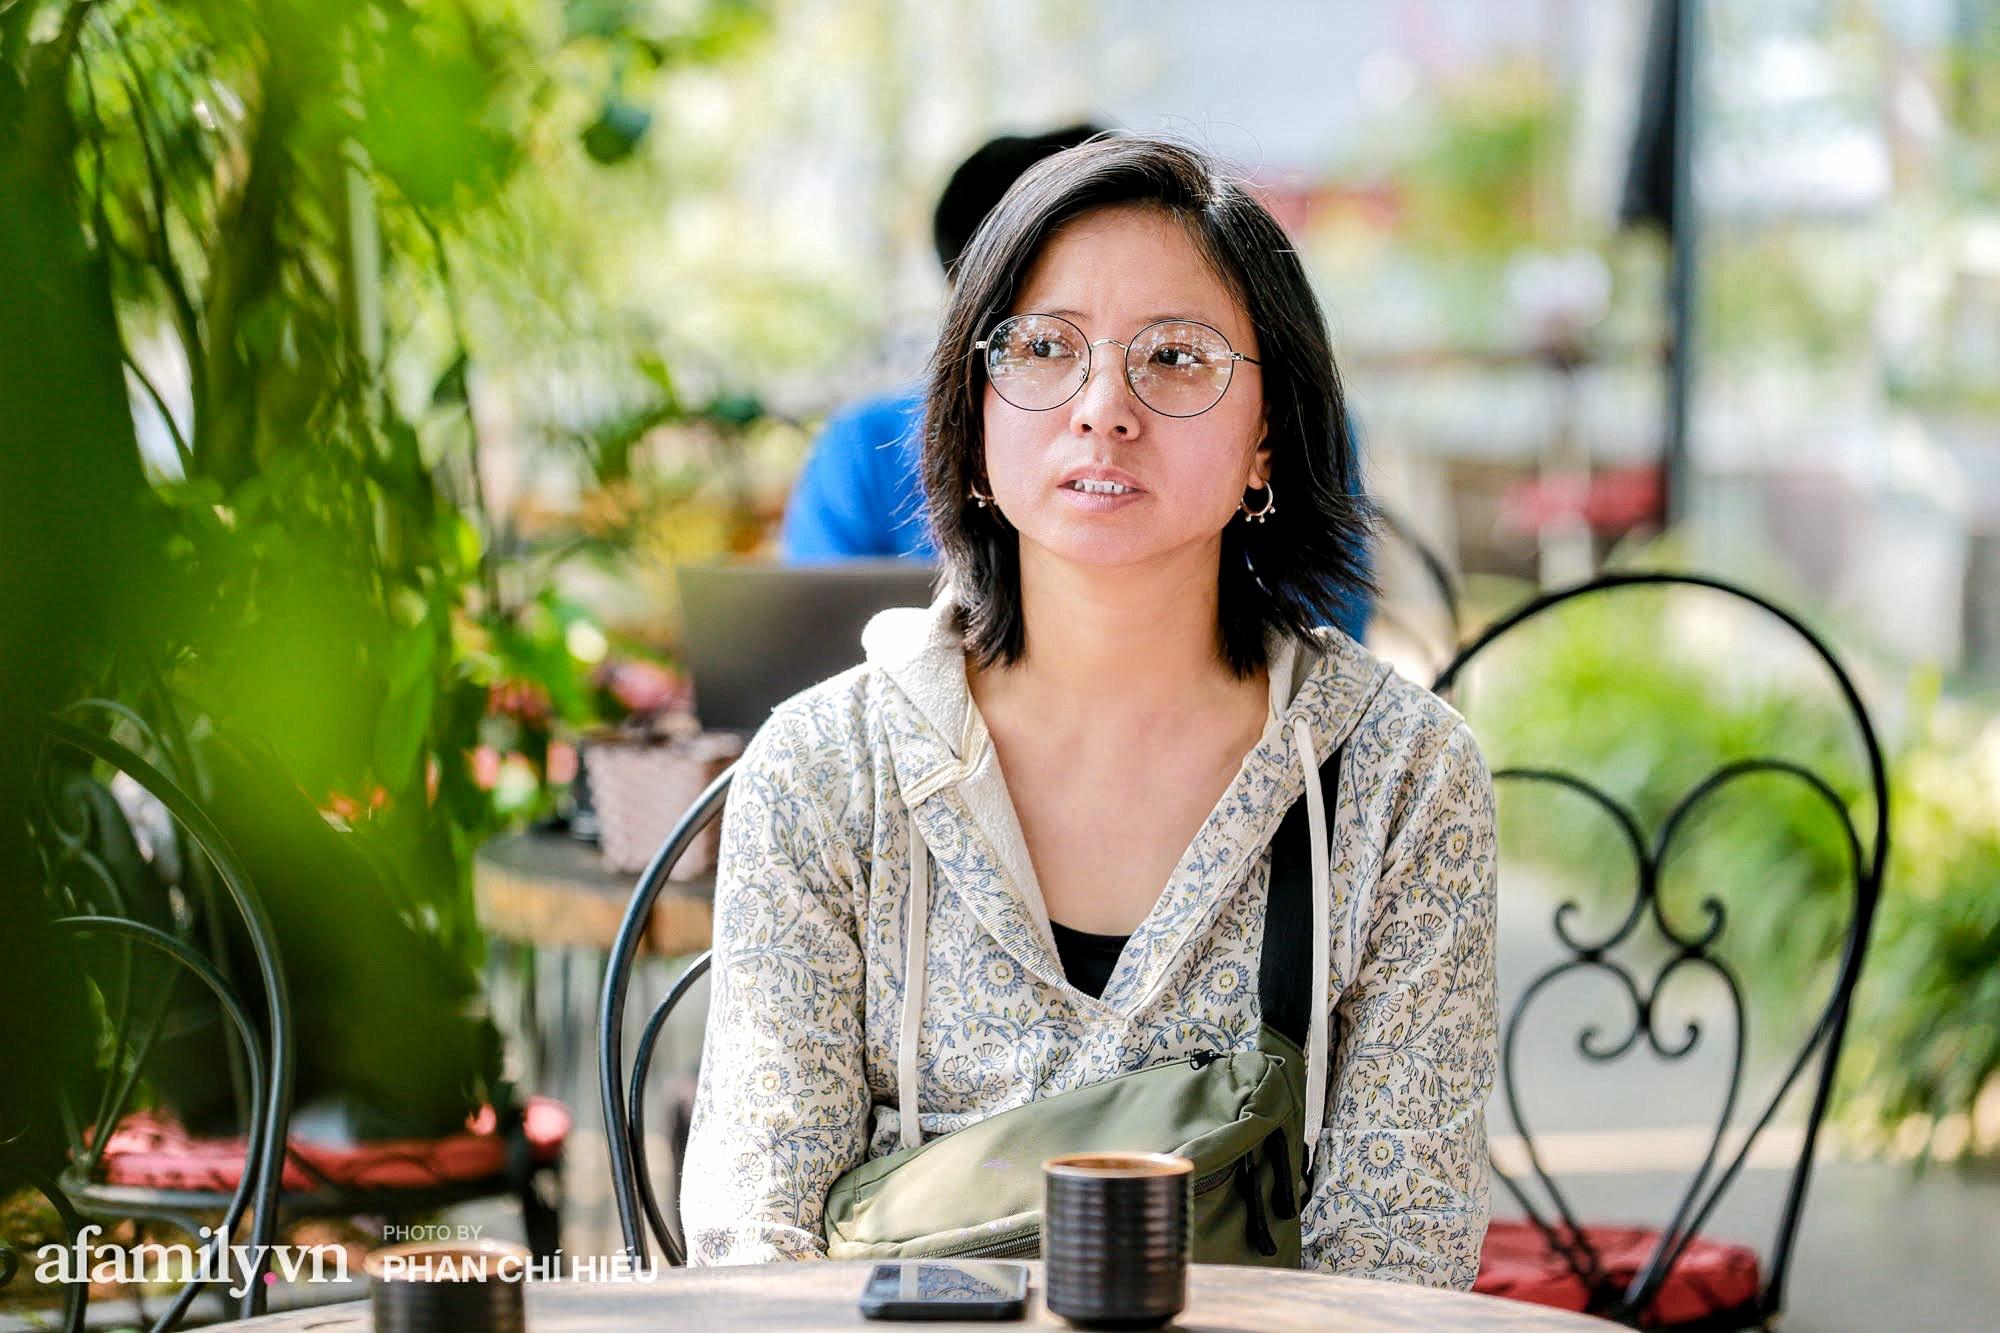 """Người Việt duy nhất lọt vào danh sách """"100 phụ nữ của năm 2020"""" trên toàn thế giới kể về cuộc gọi kỳ lạ từ phóng viên đài BBC, làm nên cột mốc quan trọng trong sự nghiệp - Ảnh 3."""